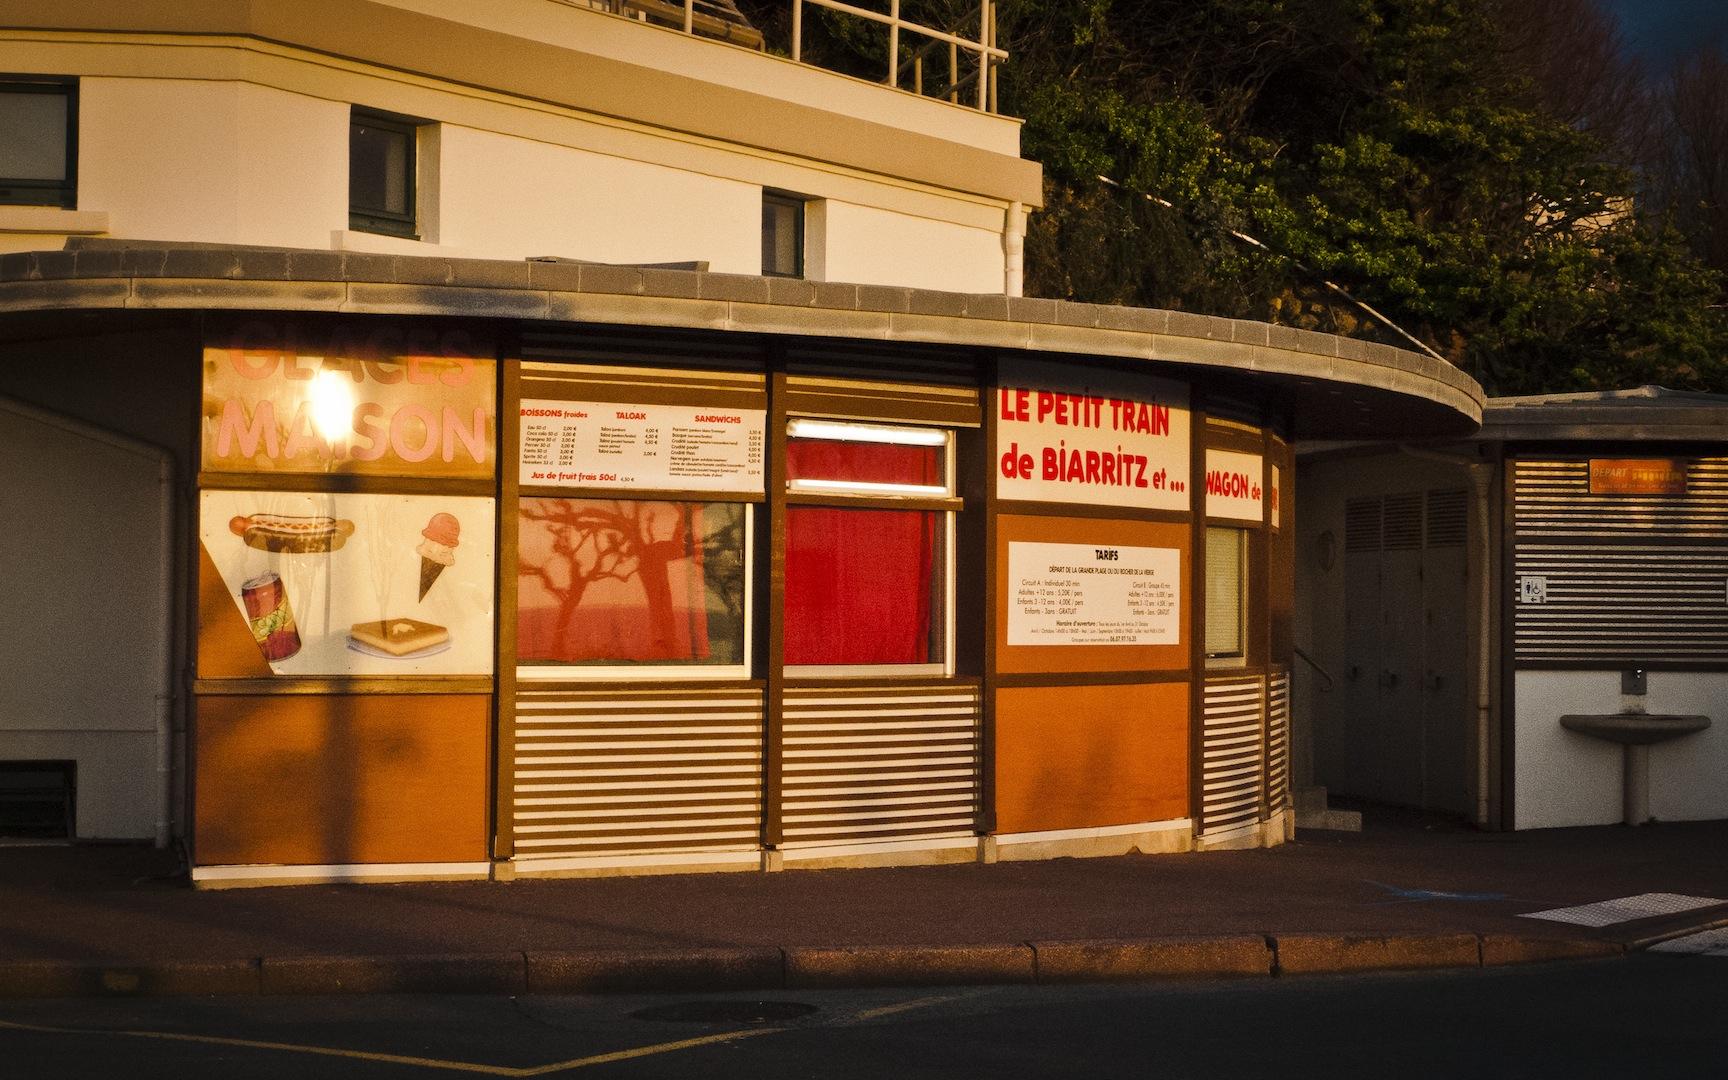 Biarritz-02-L1020302